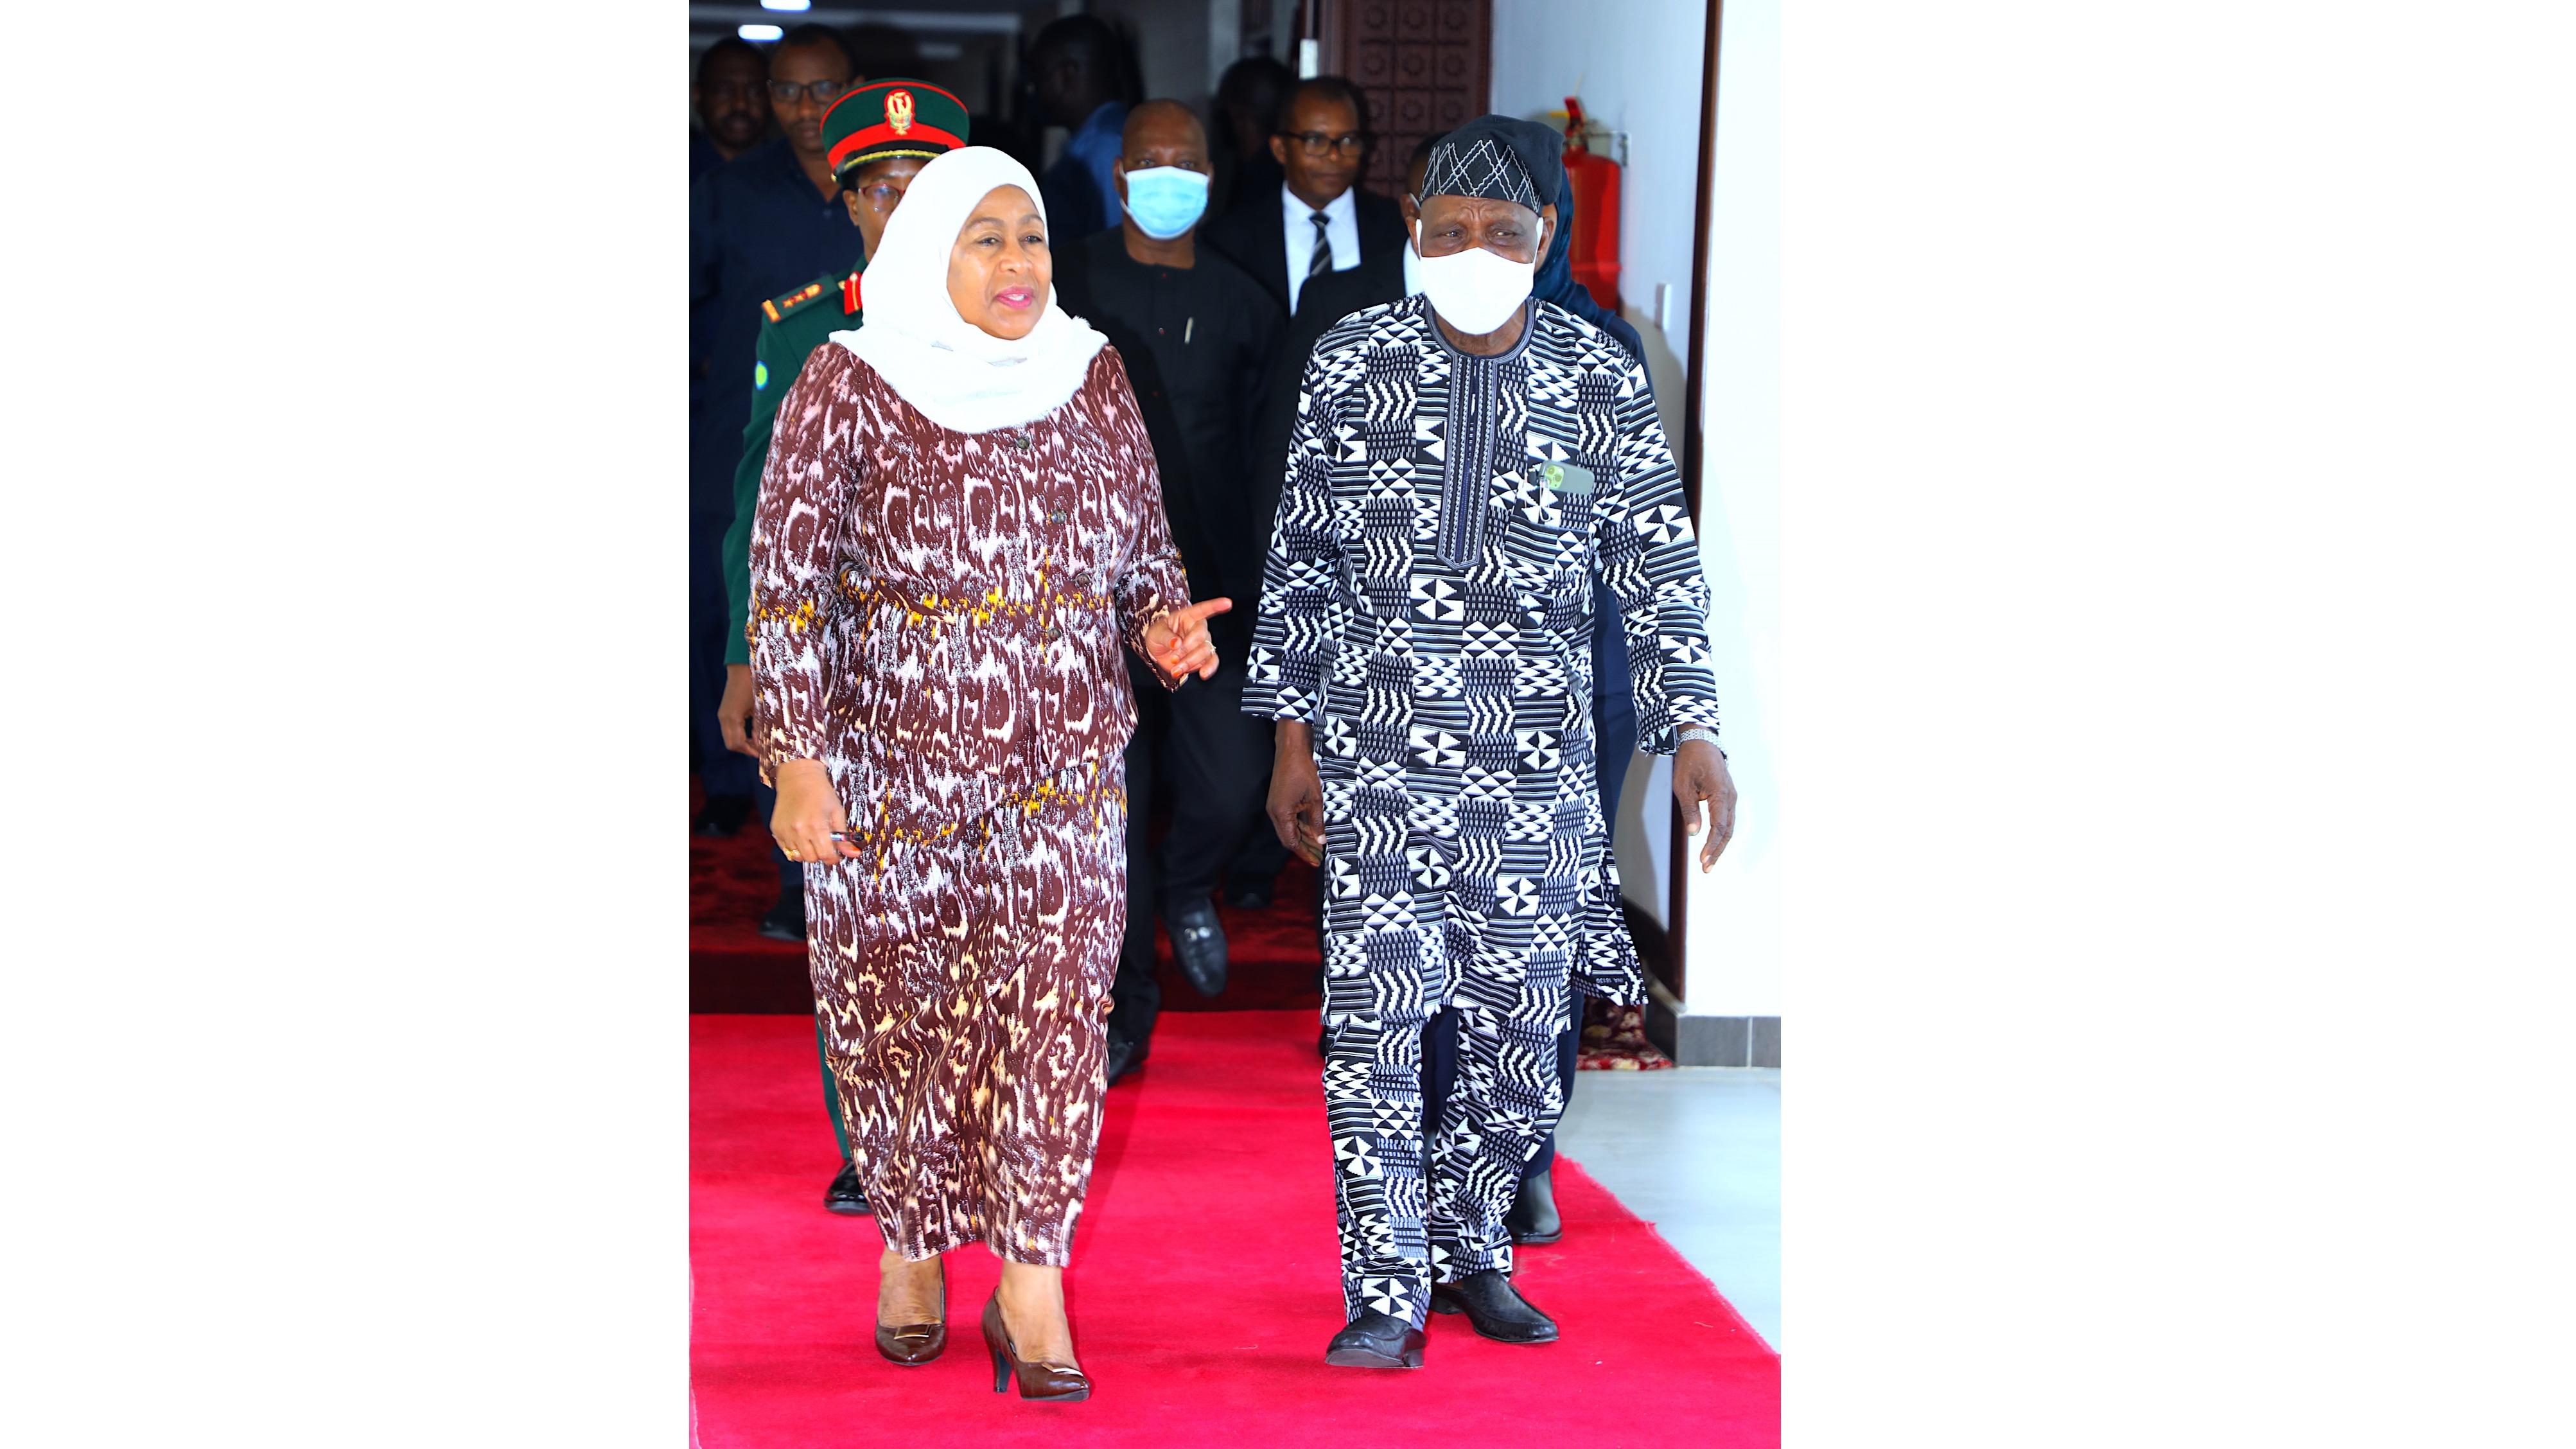 Rais wa Jamhuri ya Muungano wa Tanzania Mhe. Samia  Suluhu Hassan akimsindikiza  Rais mstaafu wa Nigeria  mhe. Olusegun Obasanjo baada ya kufanya  mazungumzo  Ikulu ya Chamwino  leo Tarehe 3 Mei  2021